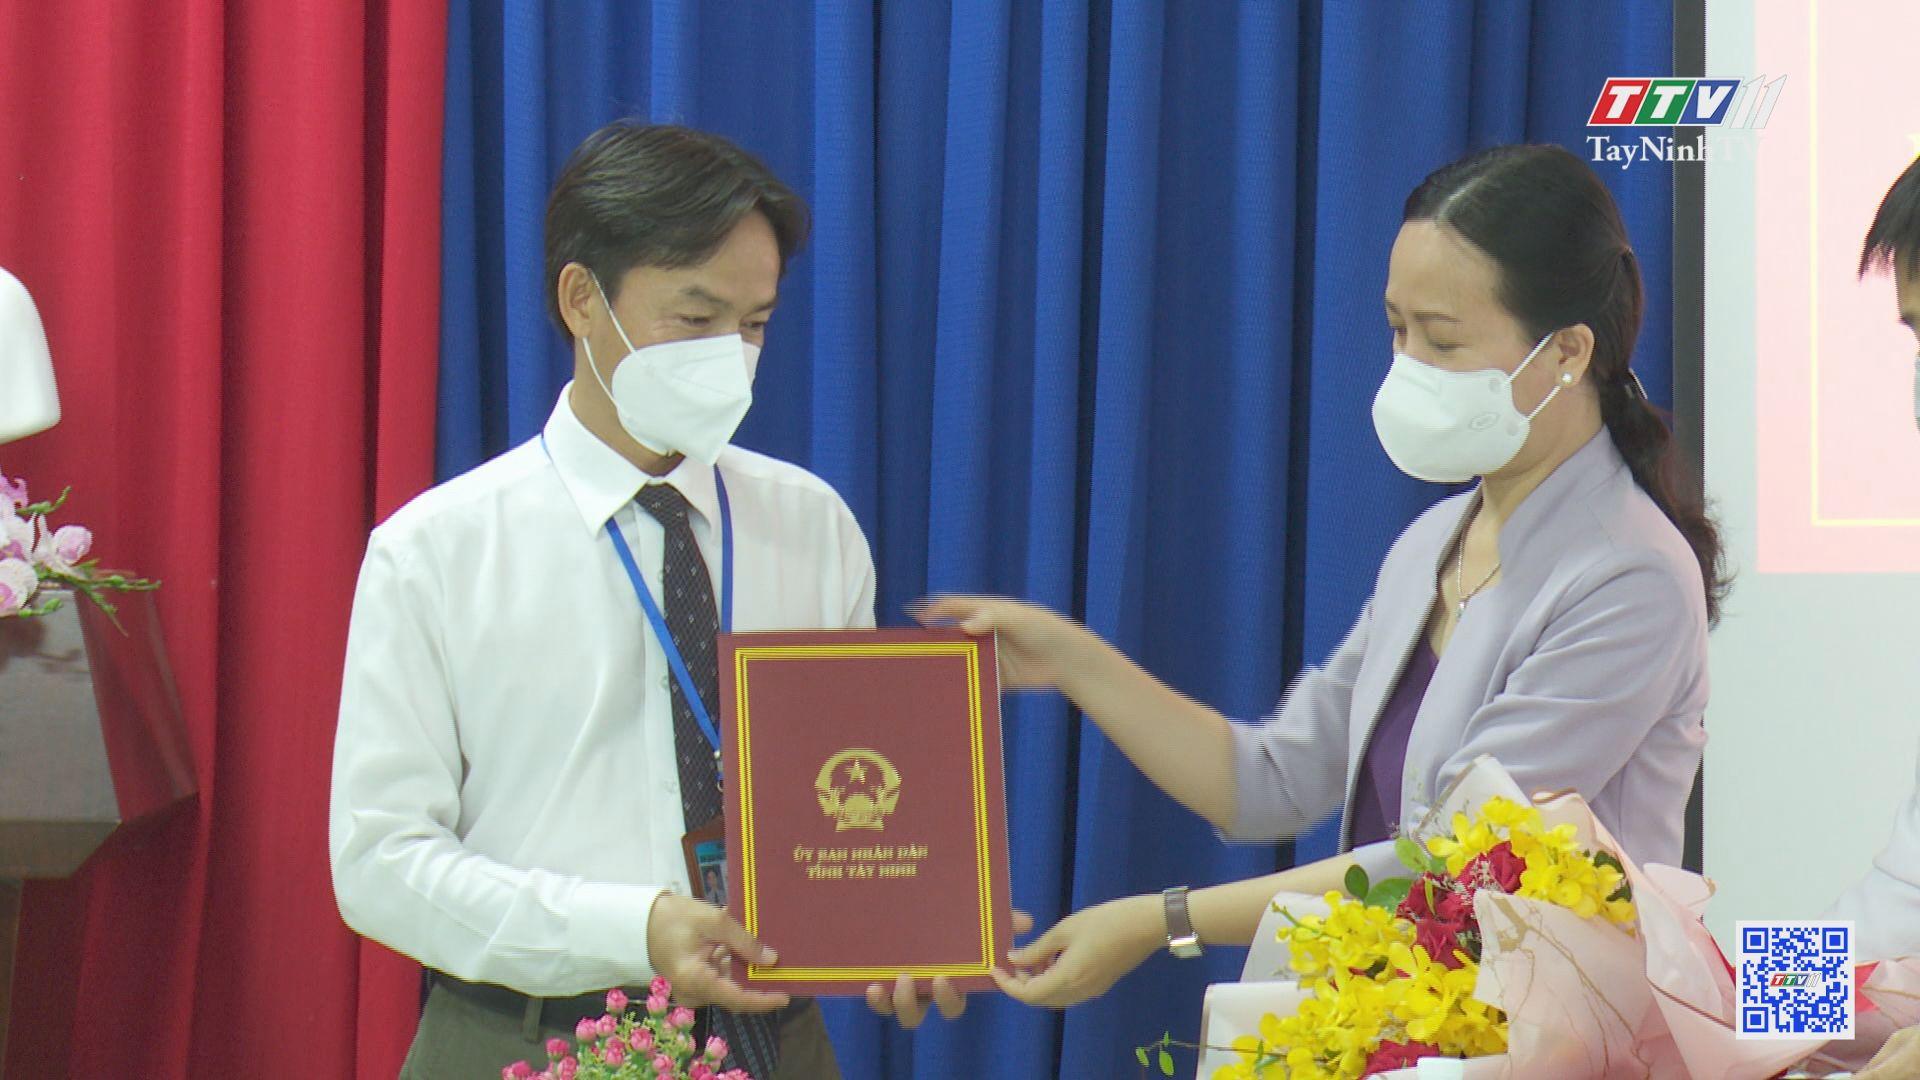 Bổ nhiệm Phó Giám đốc Ban Quản lý Dự án đầu tư Xây dựng tỉnh | NHÂN SỰ MỚI | TayNinhTV